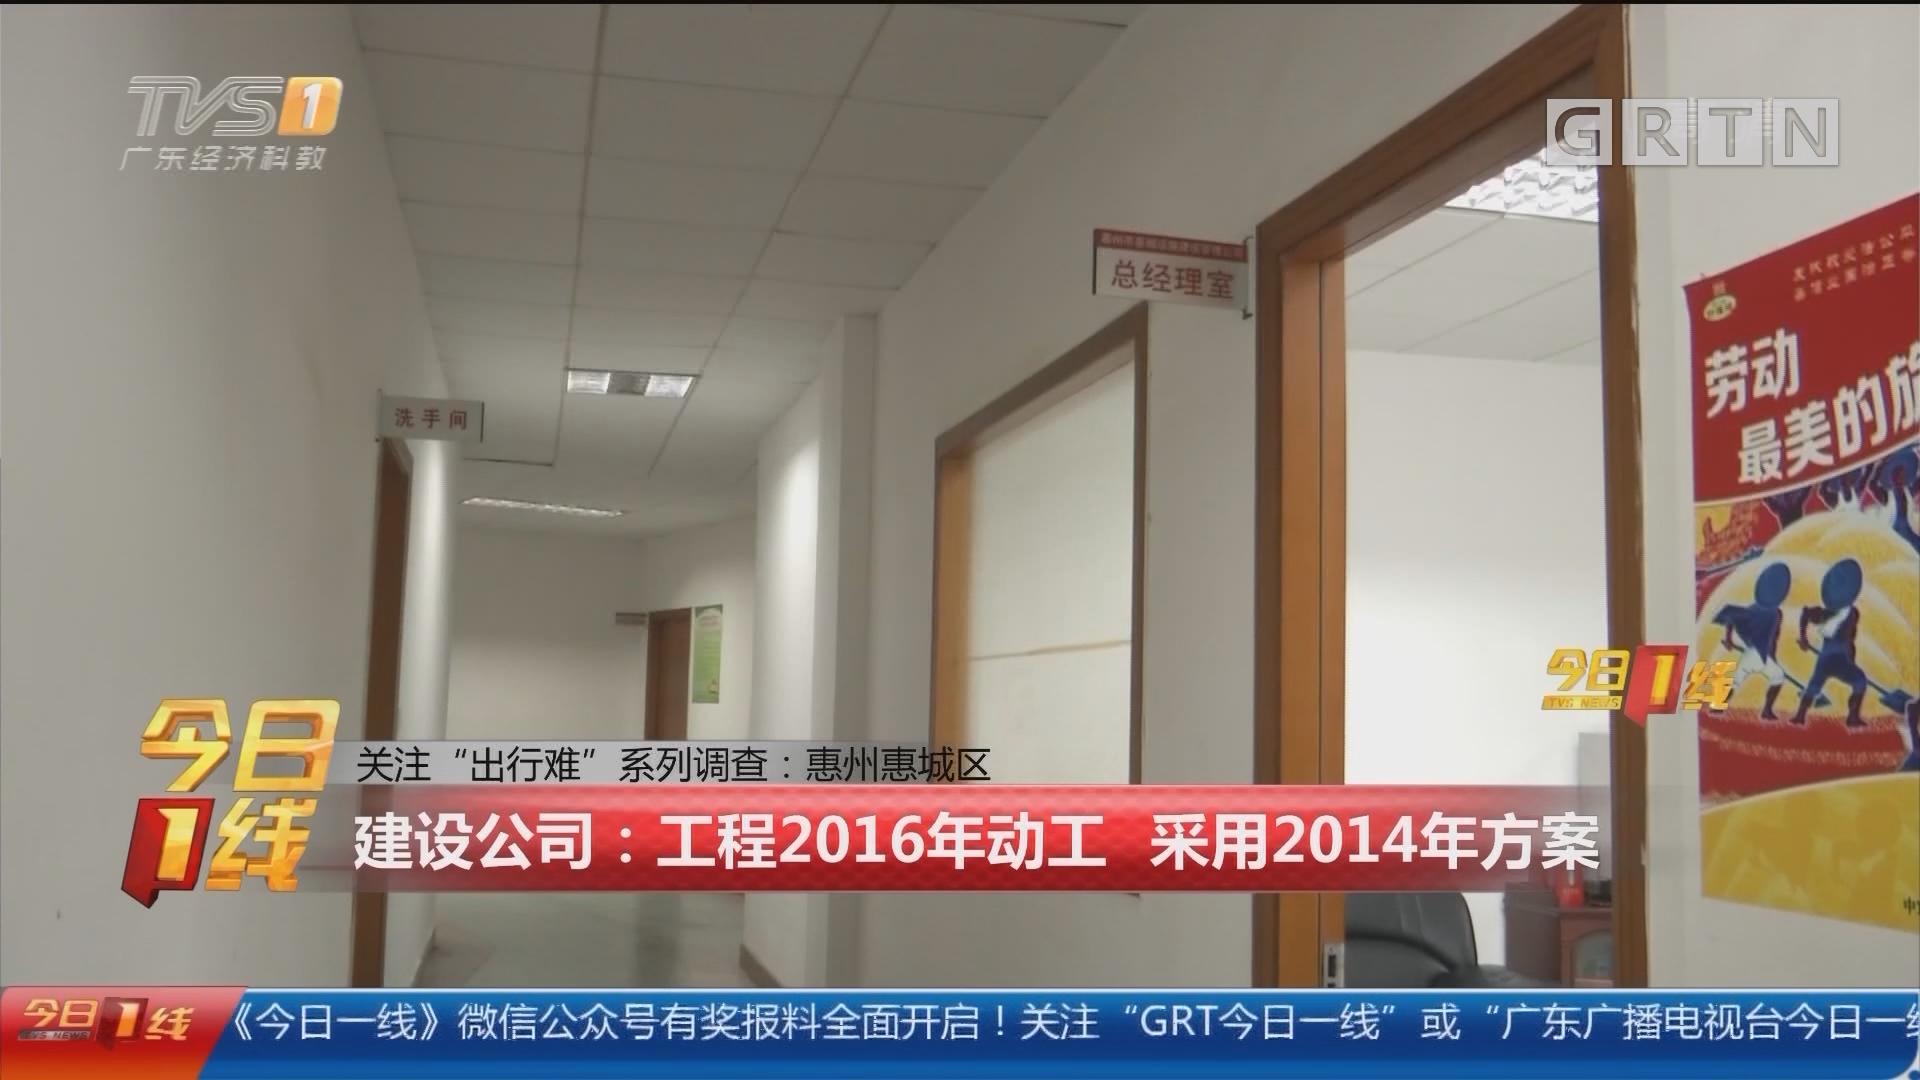 """关注""""出行难""""系列调查:惠州惠城区 建设公司:工程2016年动工 采用2014年方案"""